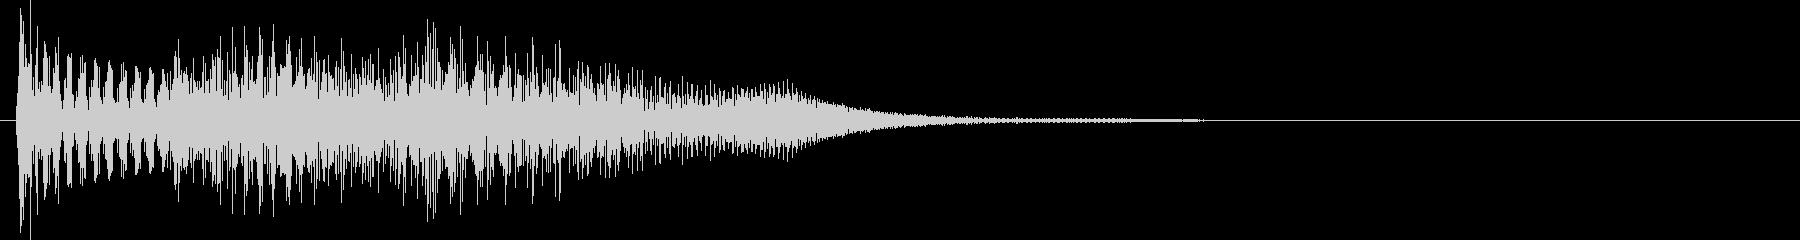 ピロロン(選択決定音・メカニック)の未再生の波形